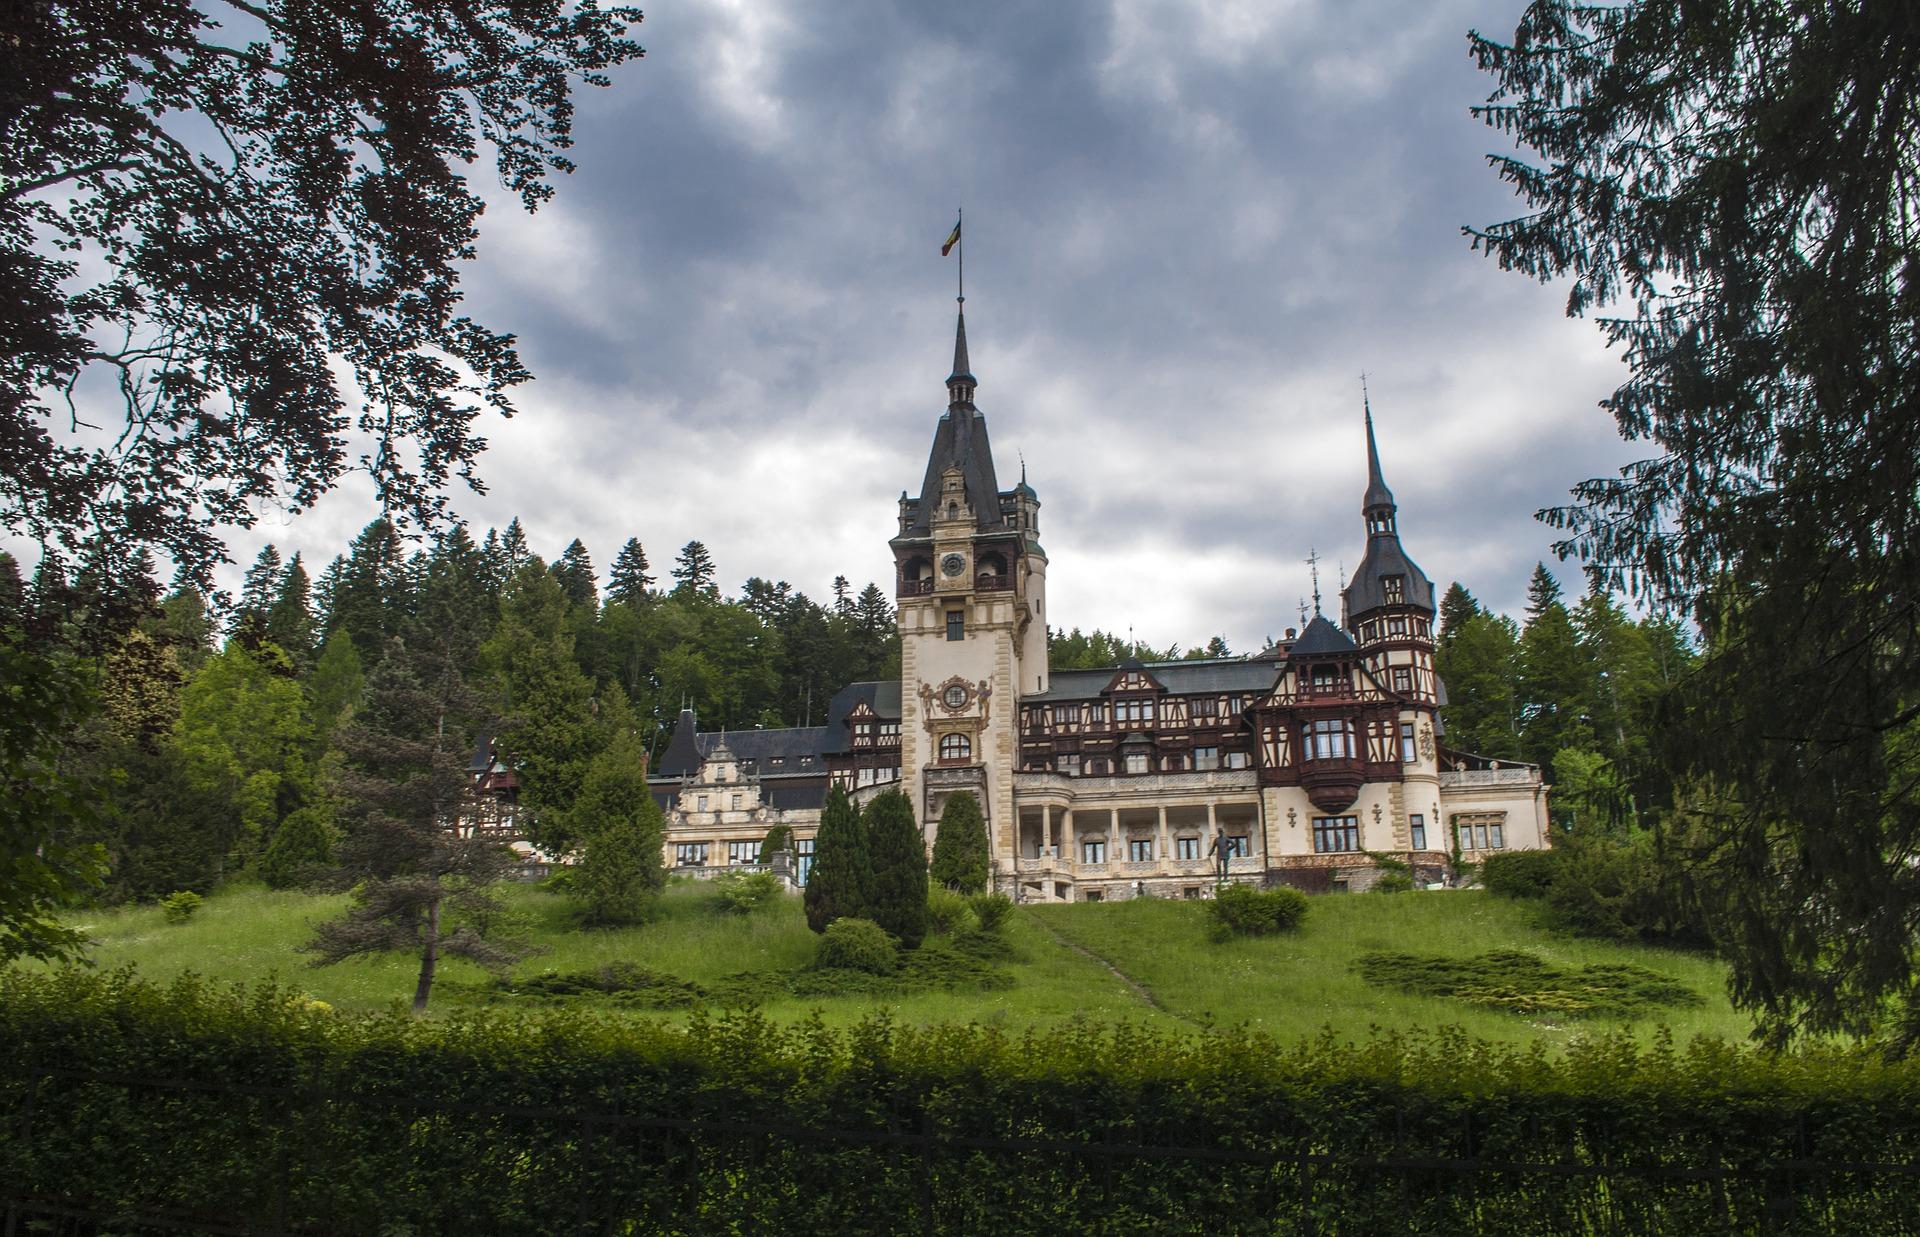 Непознатата Трансилвания - Сибиу и Хуендуара - 3 дни в Румъния!